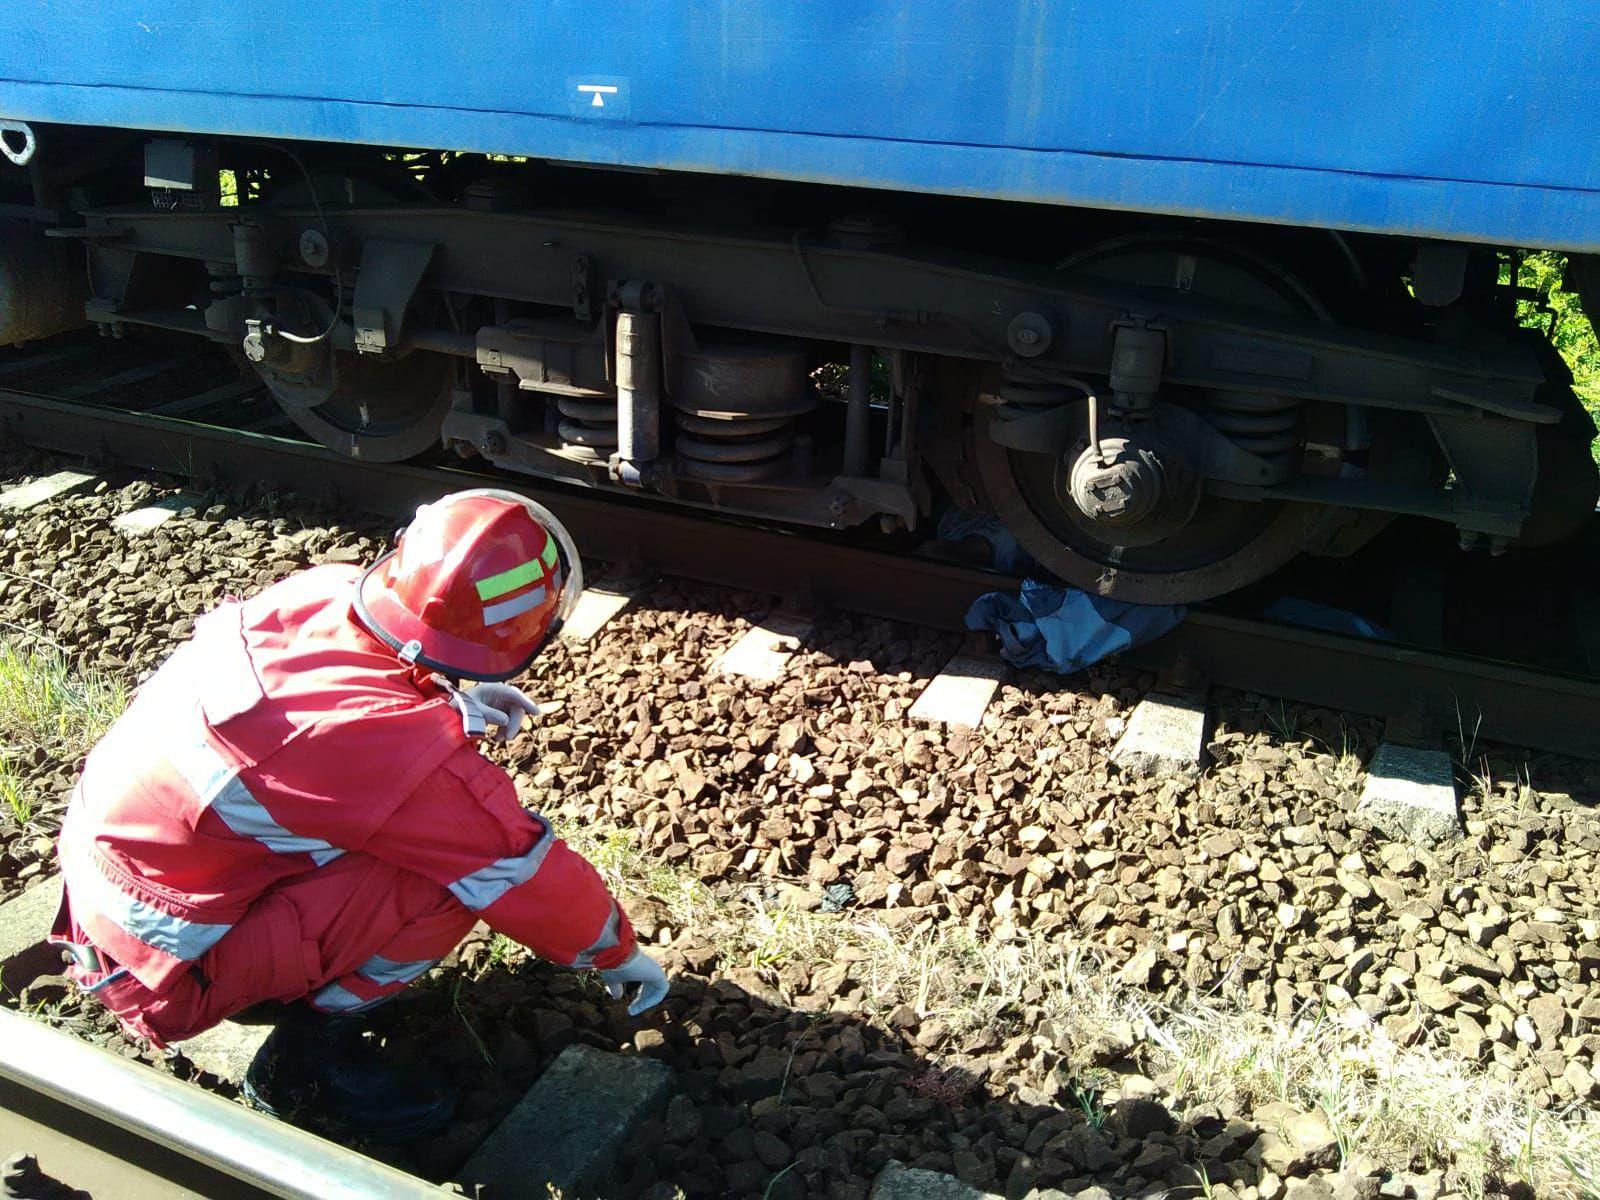 Bărbat lovit de tren în Gara Craiova